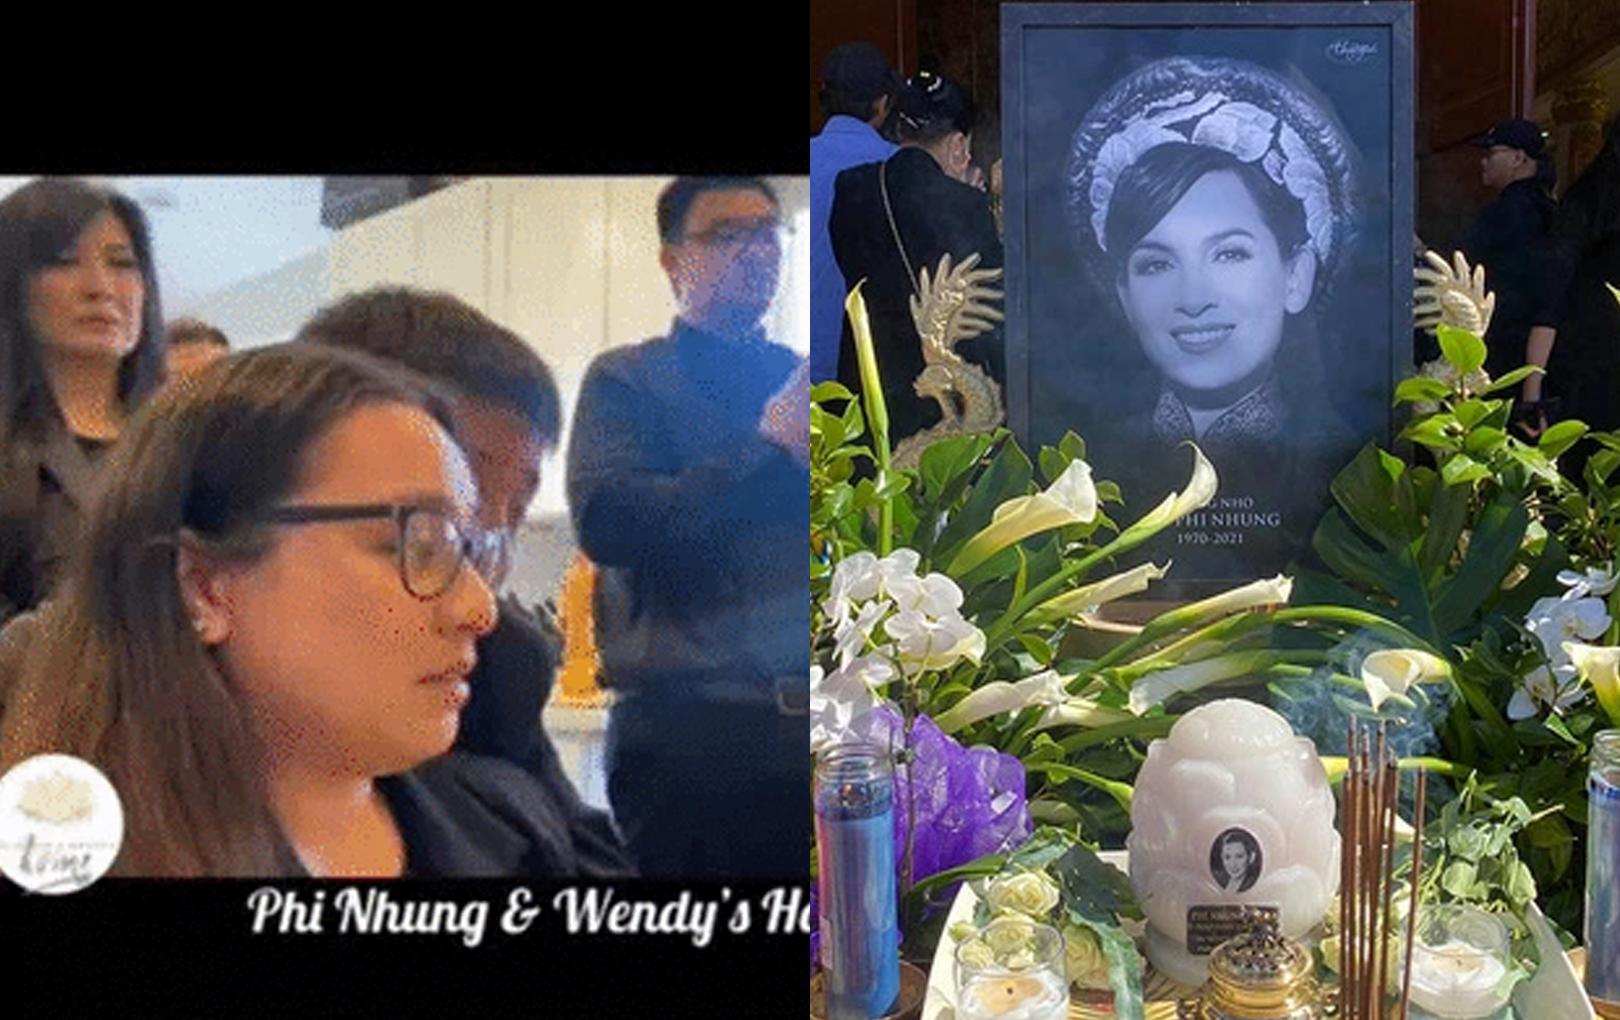 """Trizzie Phương Trinh nghẹn ngào trong ngày đưa Phi Nhung về nhà: """"Em ra đi thanh thản, chị và Wendy sẽ giải oan cho em"""""""